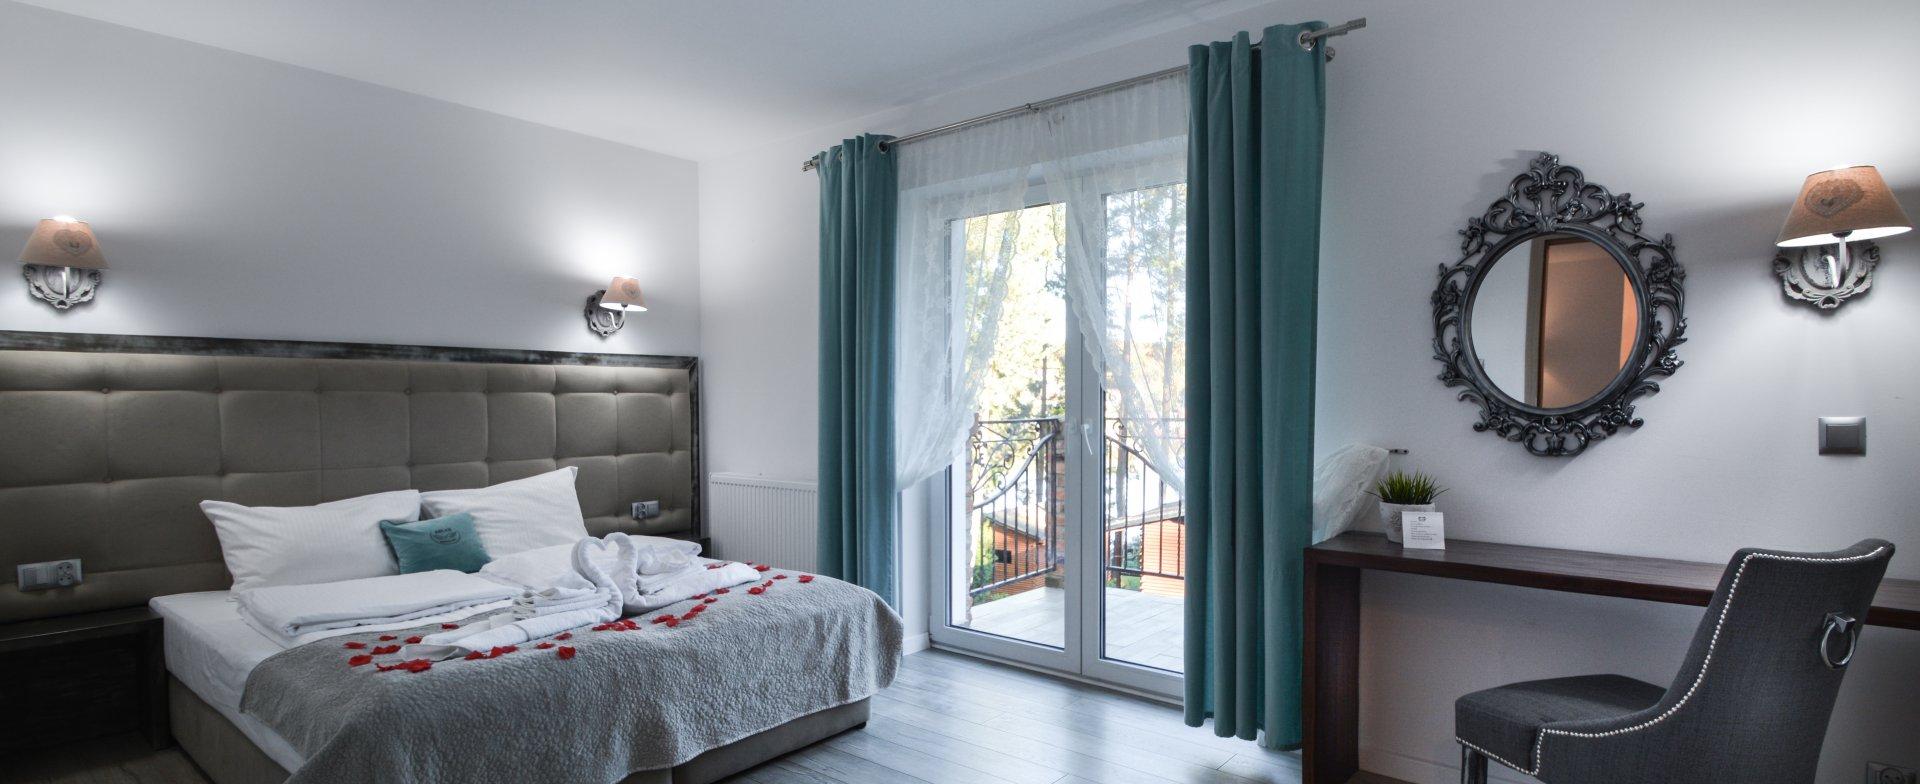 Apartament Komfort jednopoziomowy